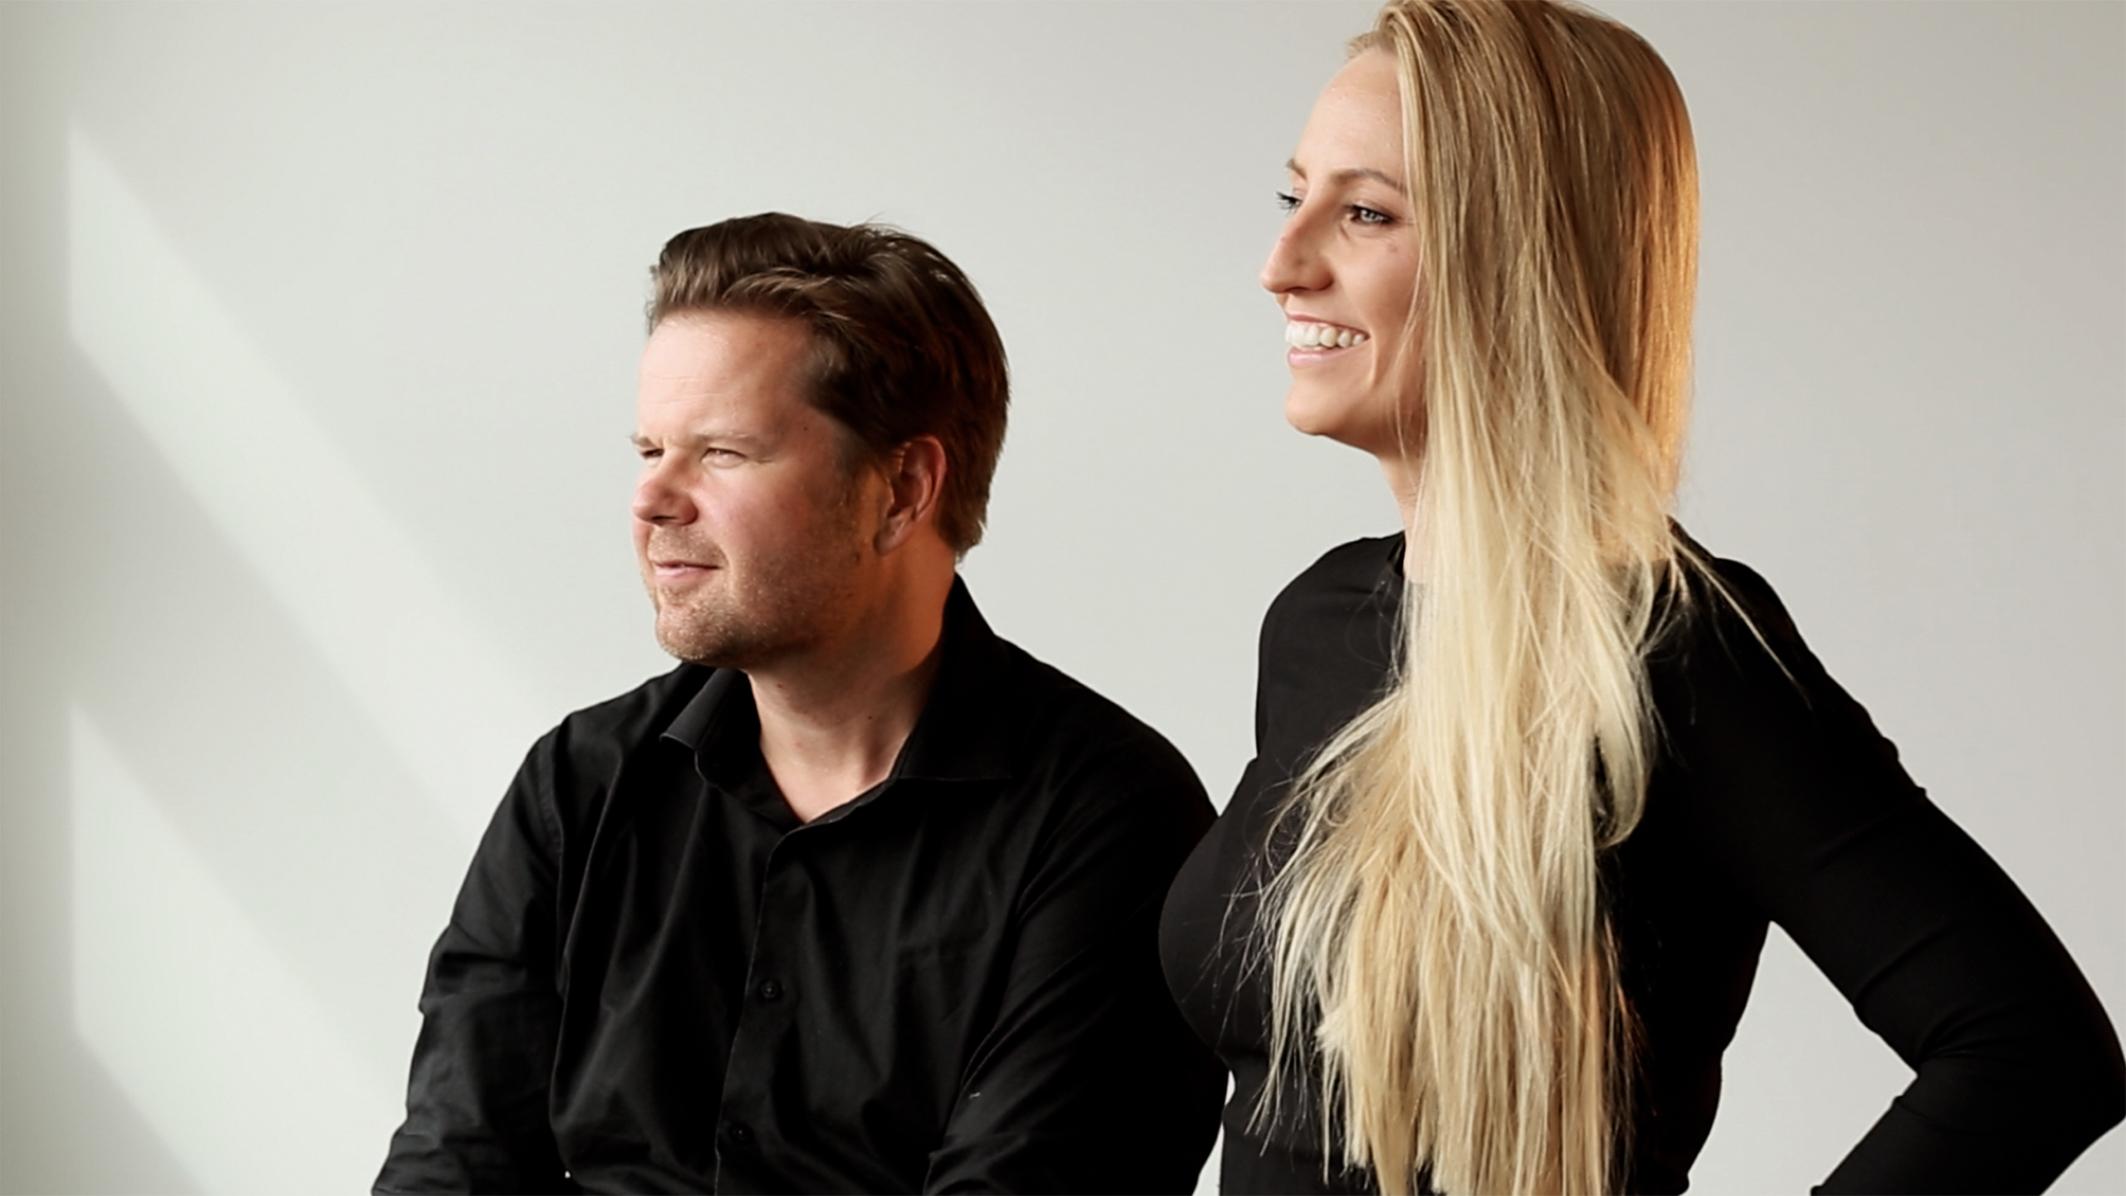 Arkkitehdit Emmi Keskisarja ja Janne Teräsvirta